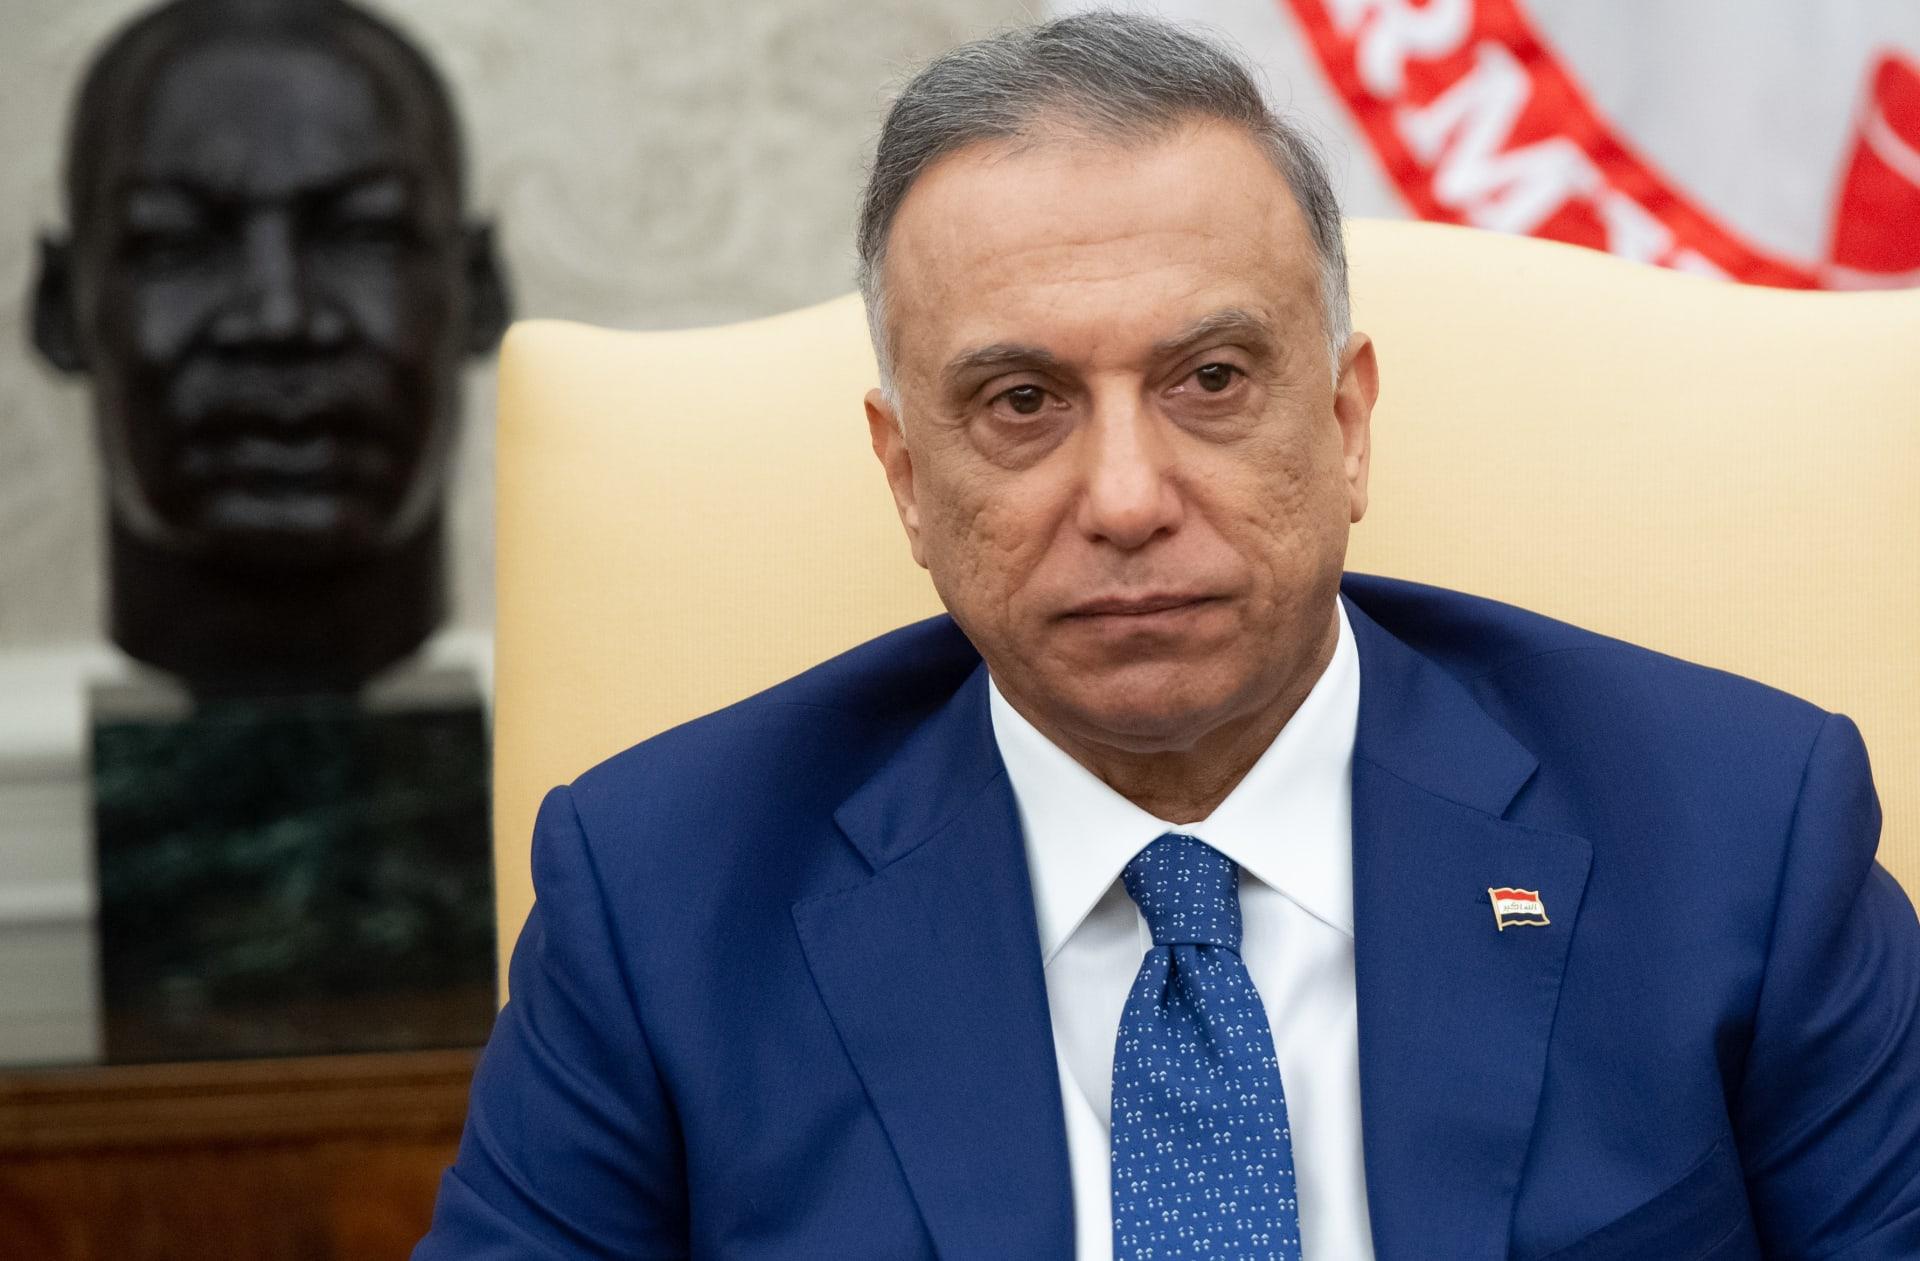 وصول رئيس الوزراء العراقي إلى السعودية.. وتداول تصريحات لمحمد بن سلمان حول العلاقات